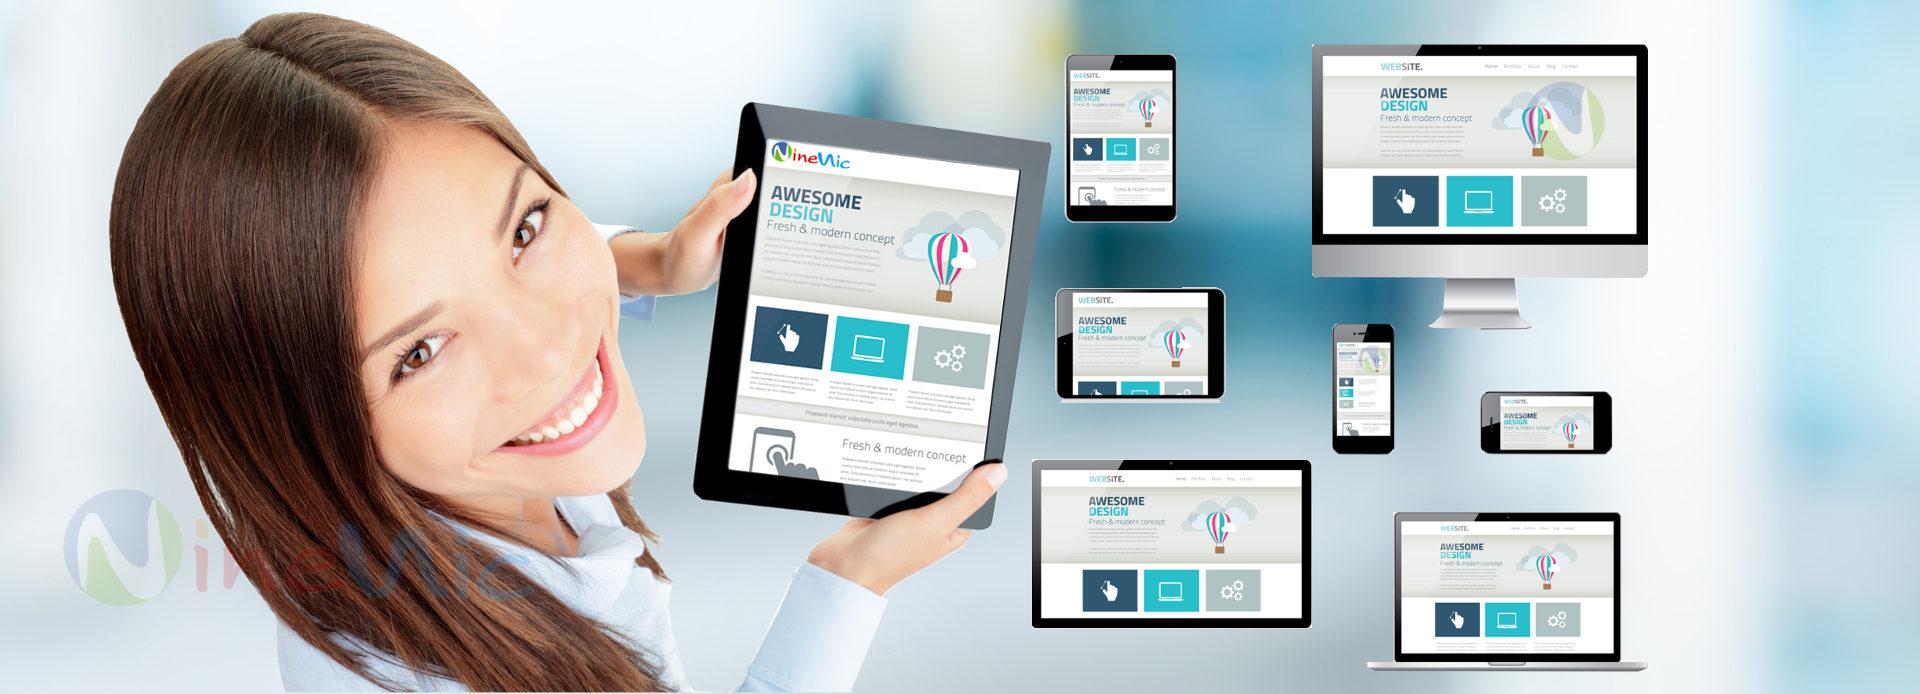 เว็บไซต์สำเร็จรูป-Key Features มีเหตุผลมากมายที่จะเลือกเว็บไซต์สำเร็จรูป Ninenic และนี่เป็นเพียงไม่กี่รายการ